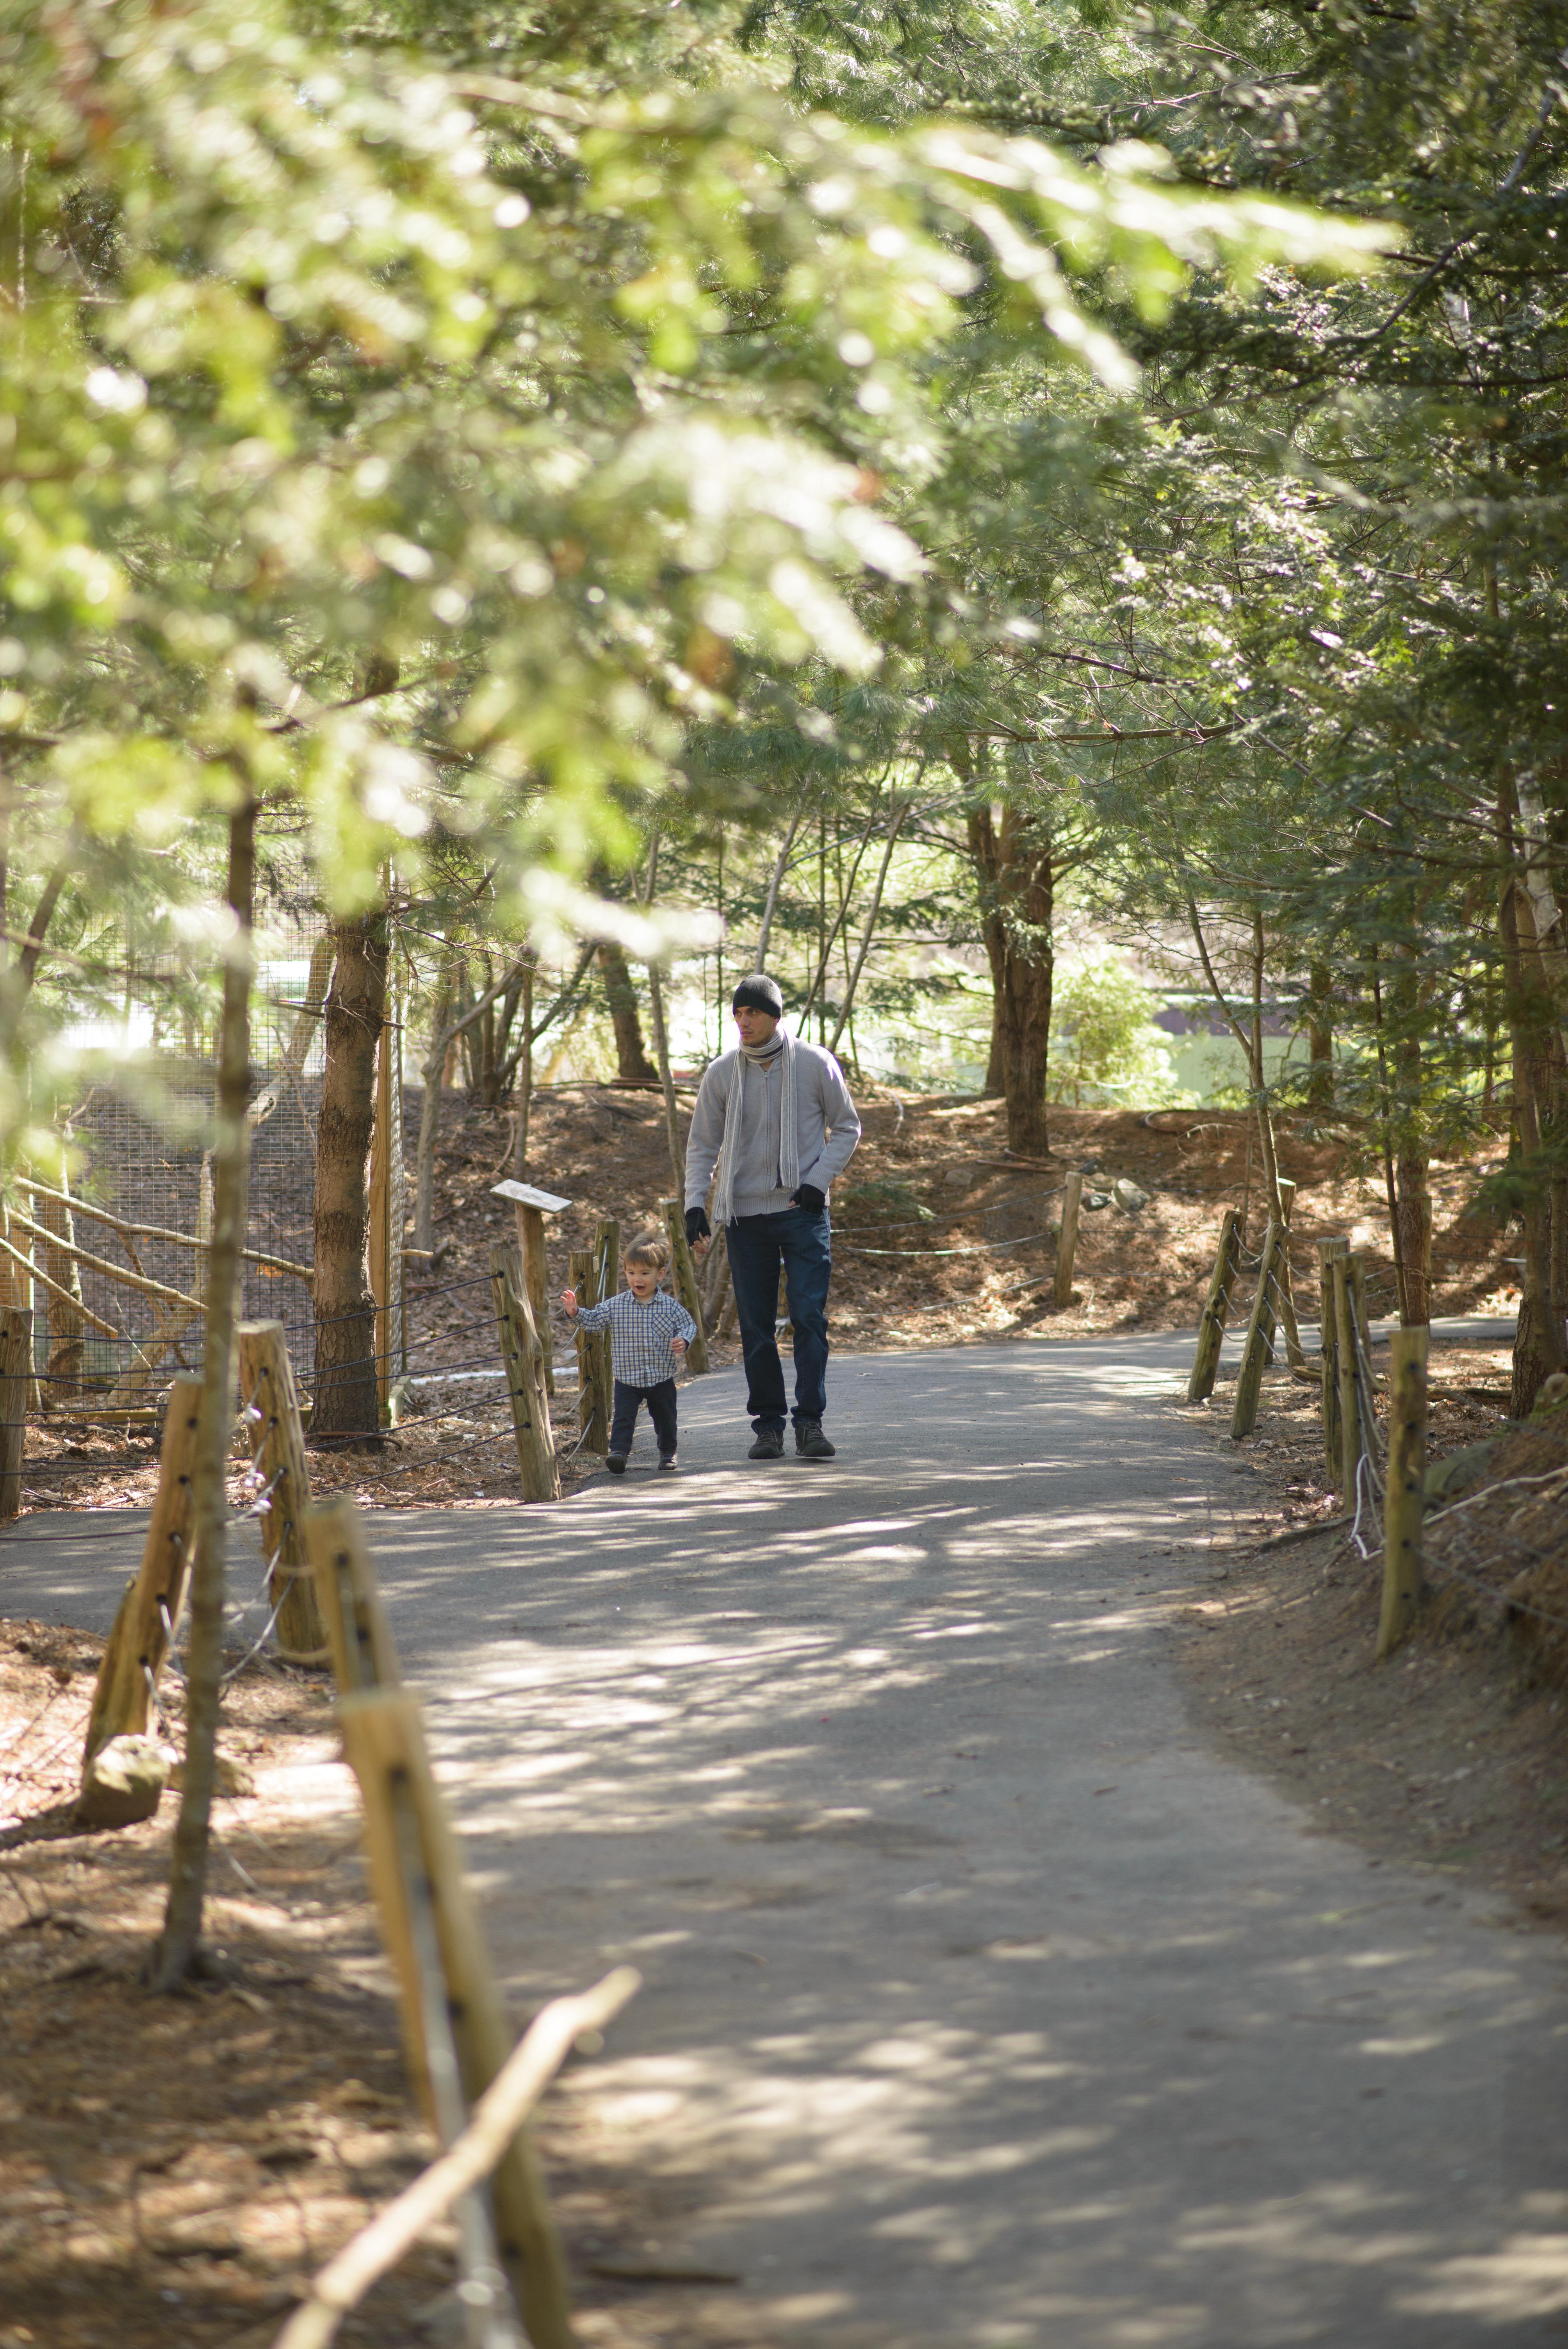 Javi walking with Ewan